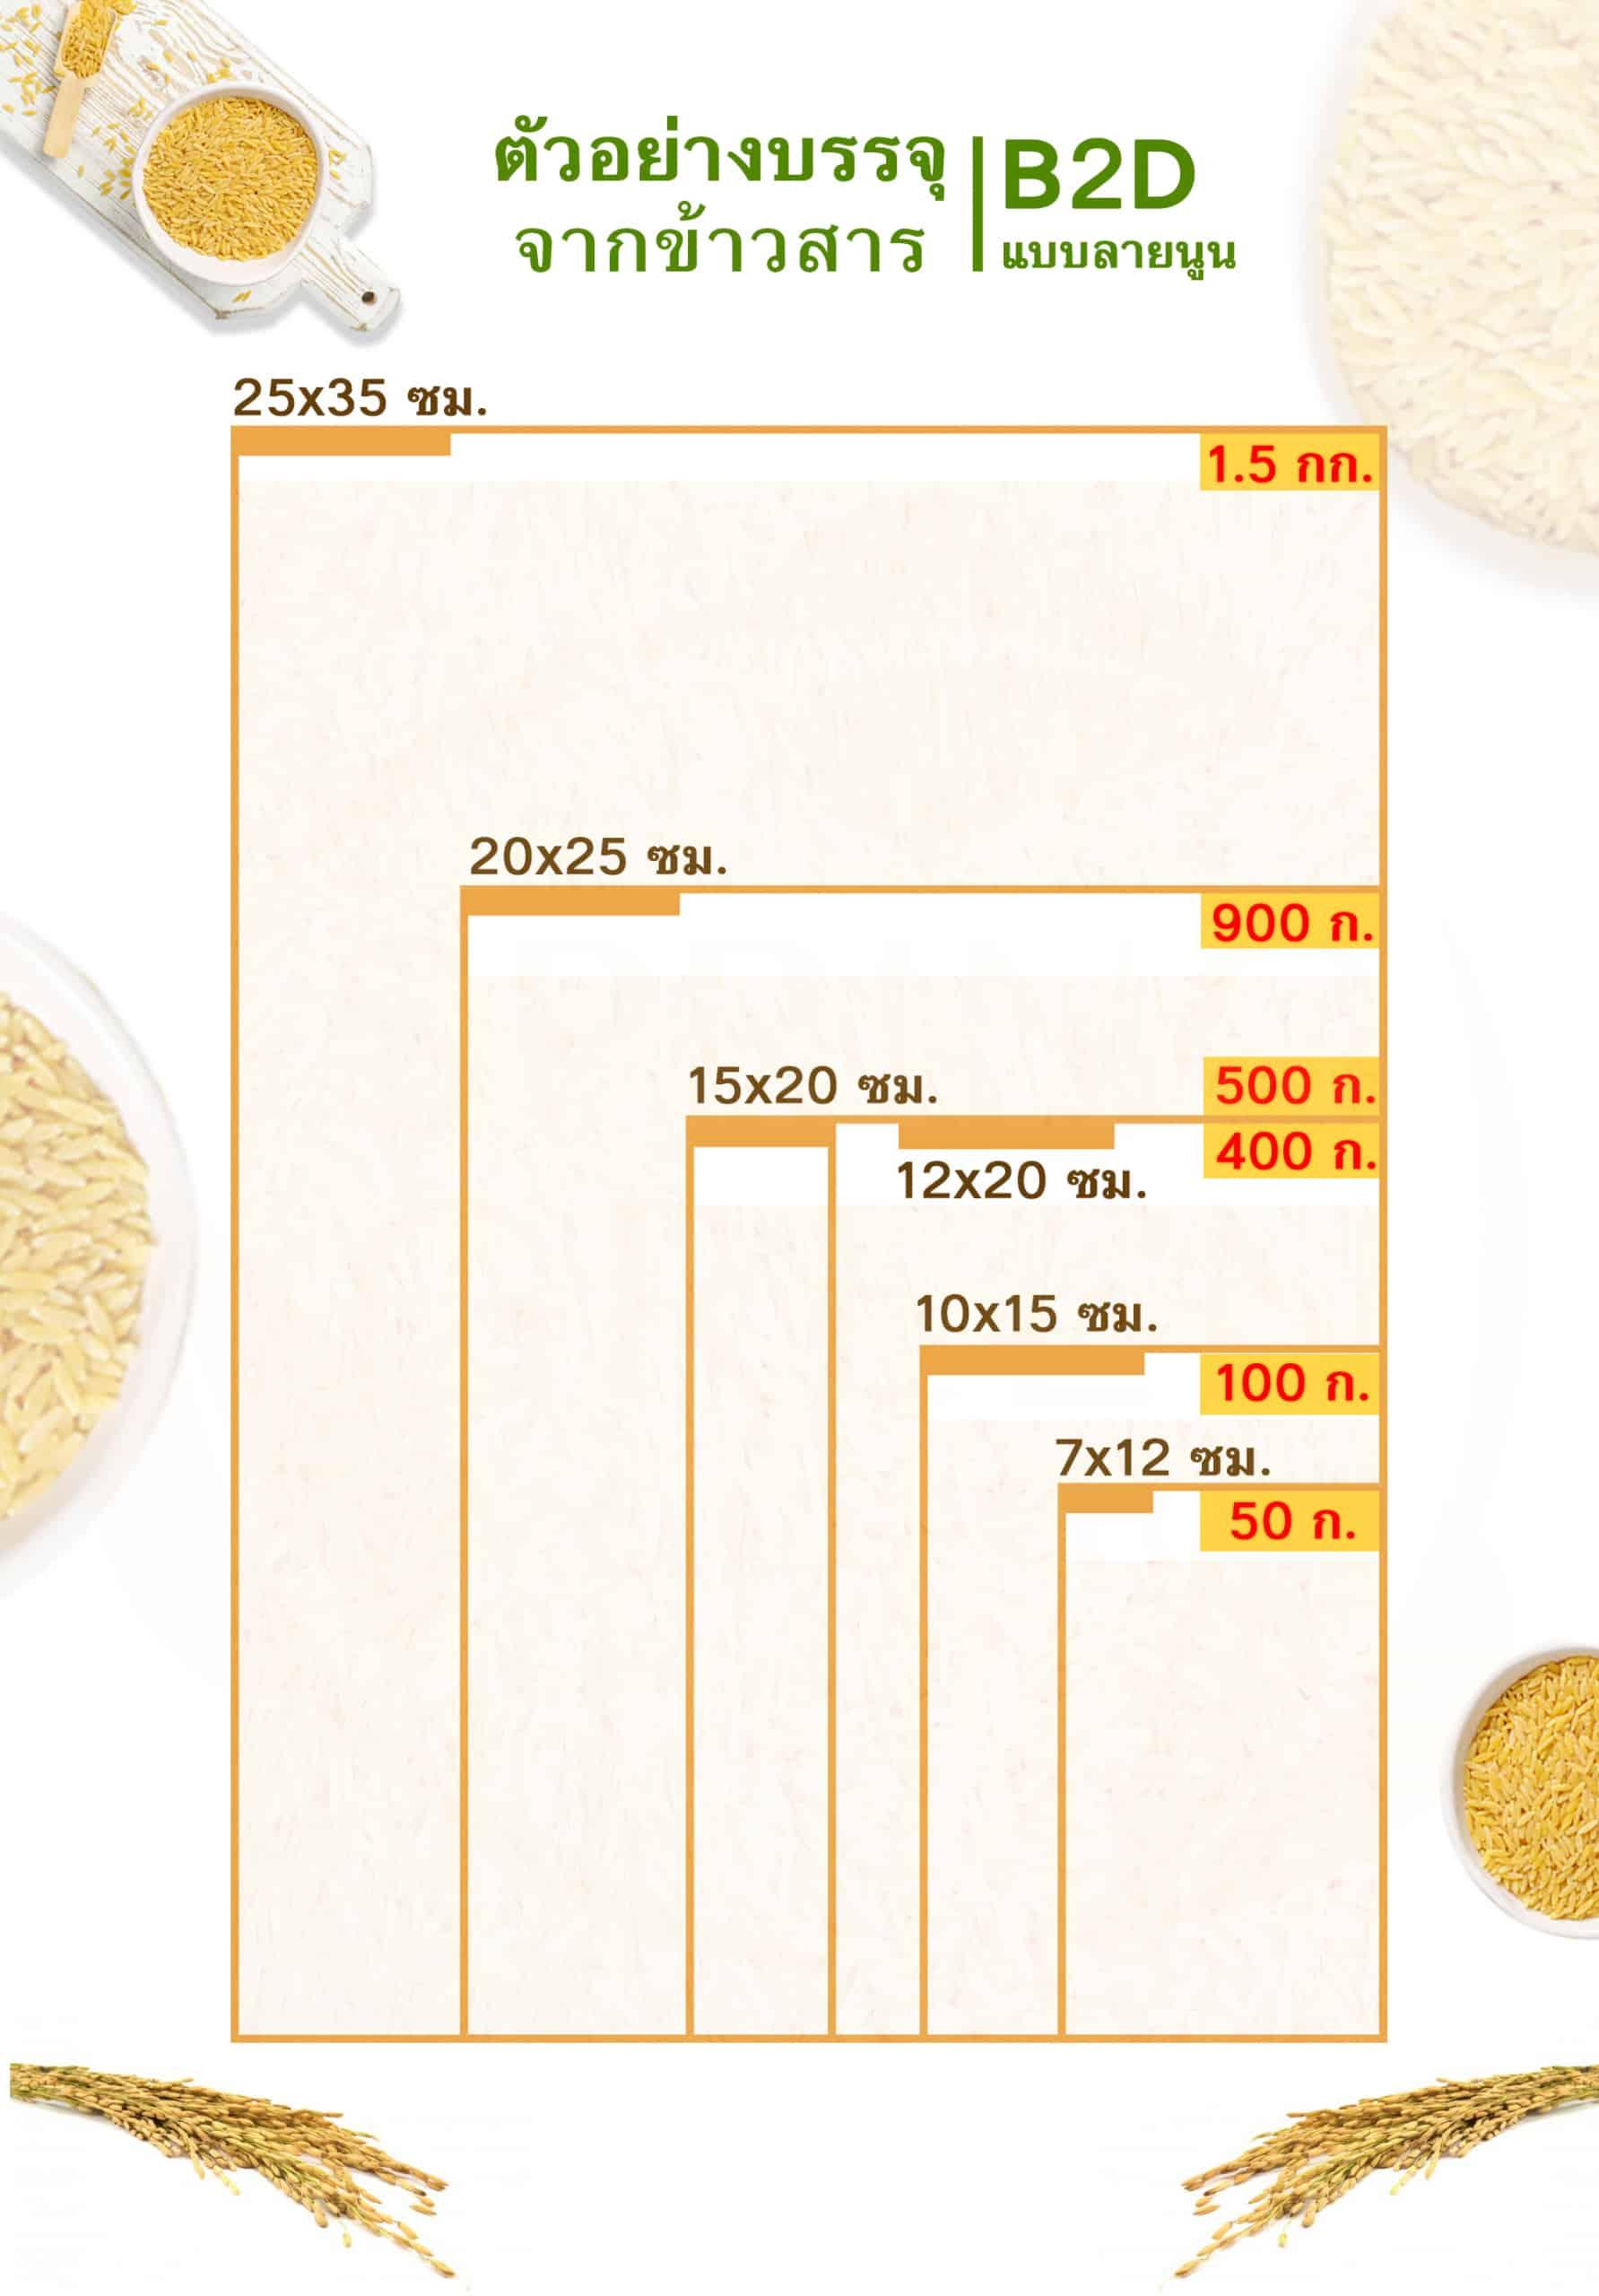 ถุงซีลสุญญากาศ-ถุงเรียบ-B2D-ตัวอย่างถุง